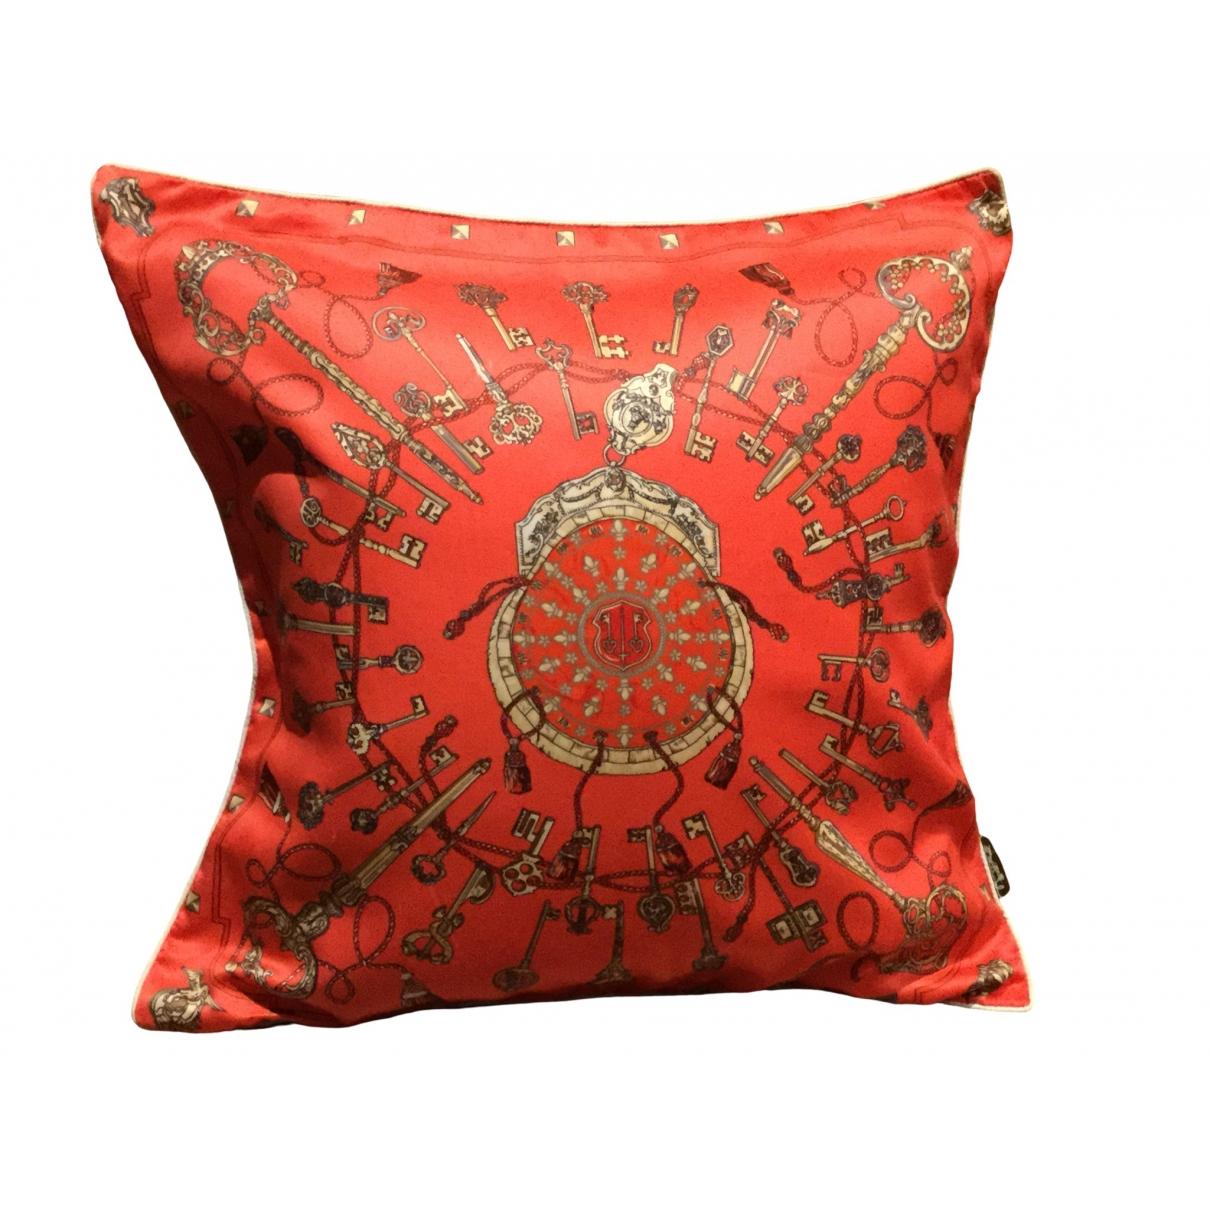 Hermes - Linge de maison   pour lifestyle en soie